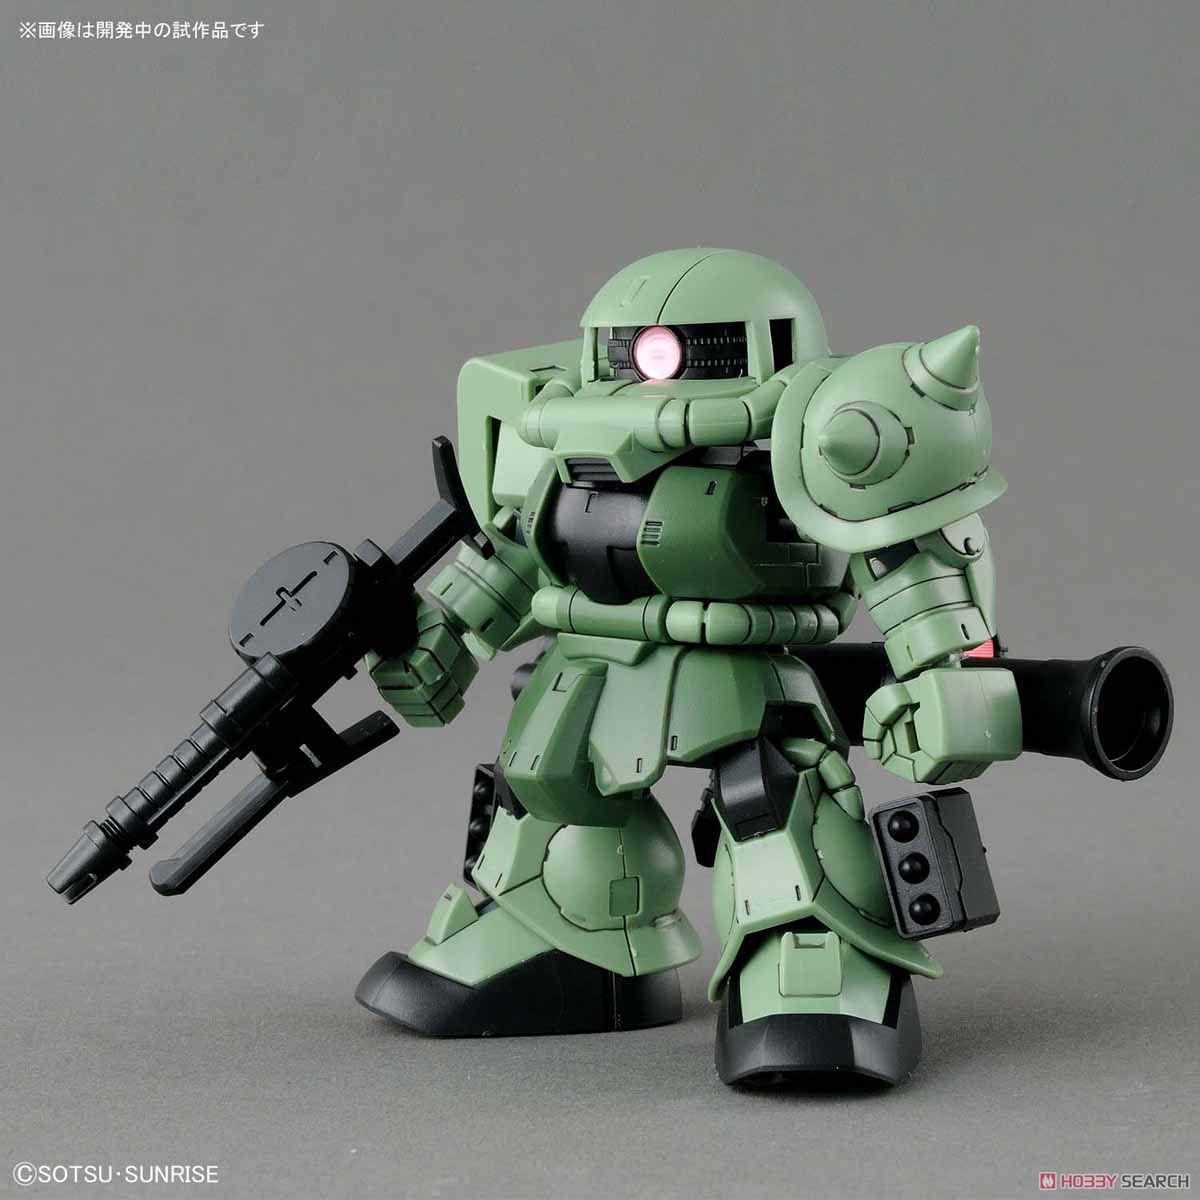 Le topic des Gunplas et autres maquettes à assembler - Page 14 Bandai-sd-gundam-cross-silhouette-zaku-ii-04-mobile-suit-jbaostore-1808-31-F1180549_2